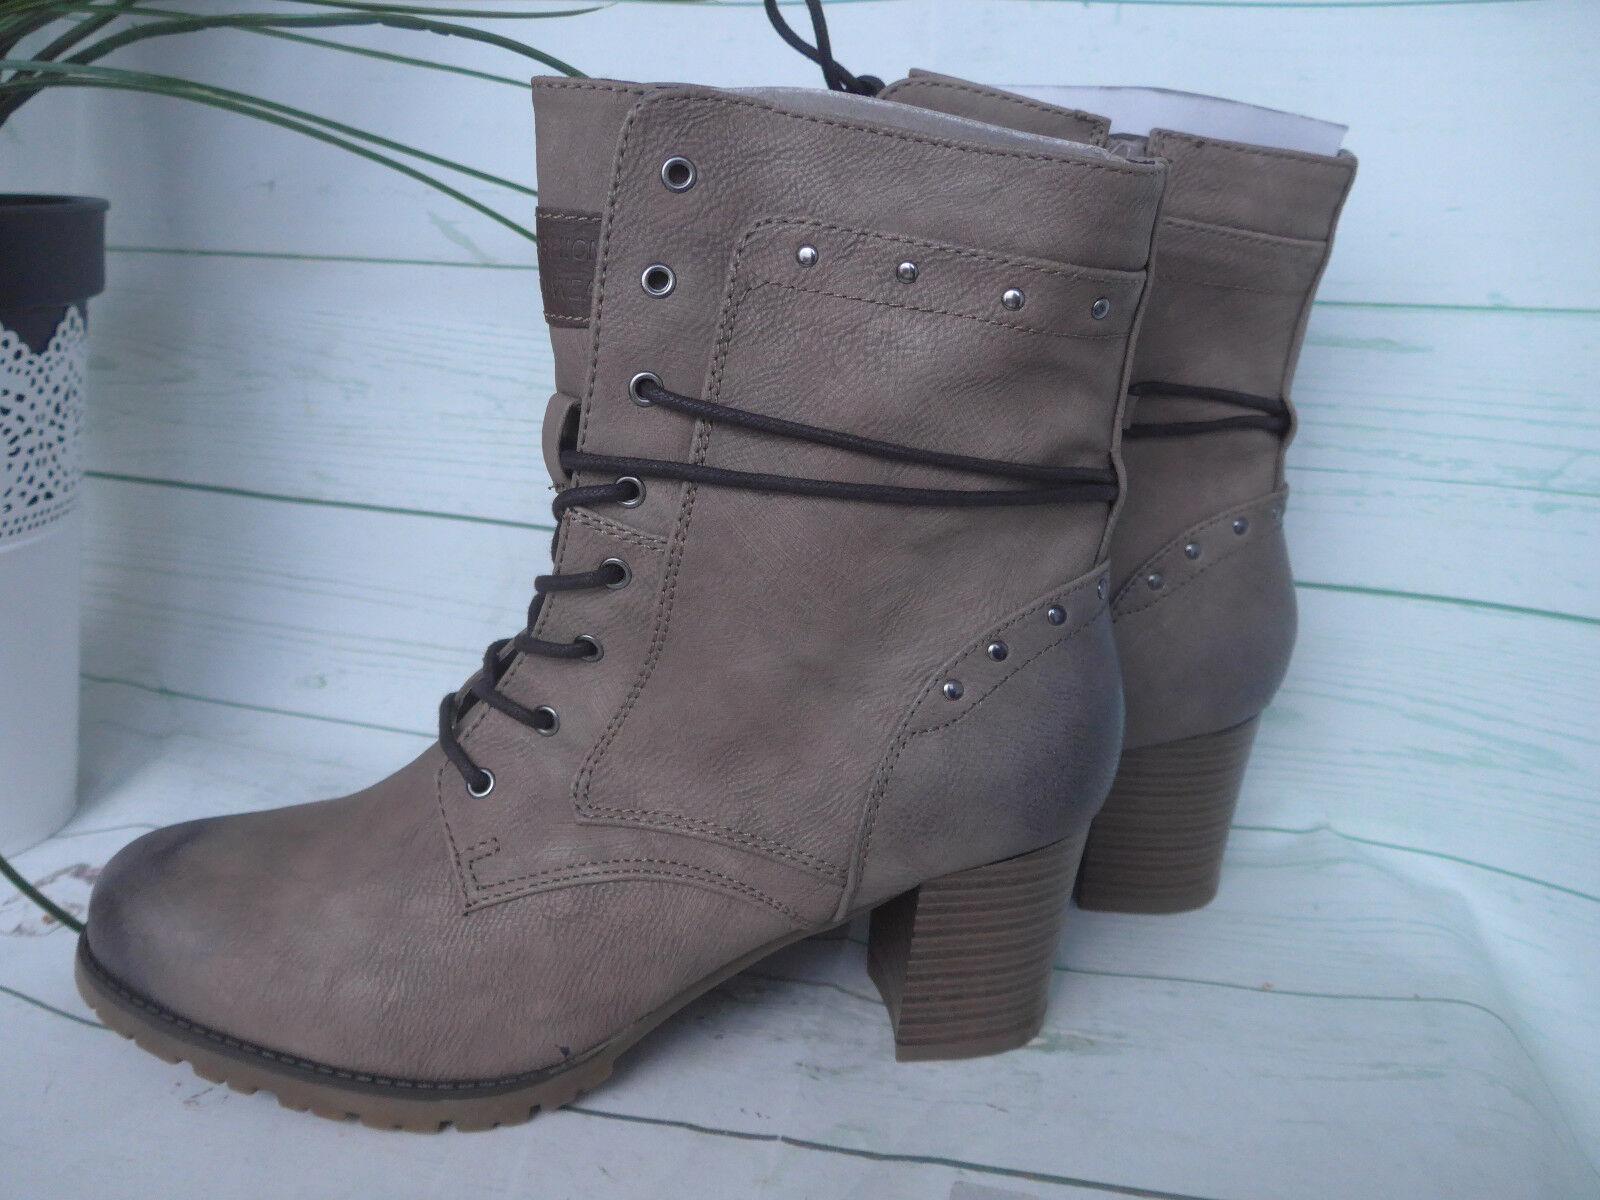 Arizona Stiefelette Kurz Stiefel  Boots Gr. 42 Taupe Used NEU (386)